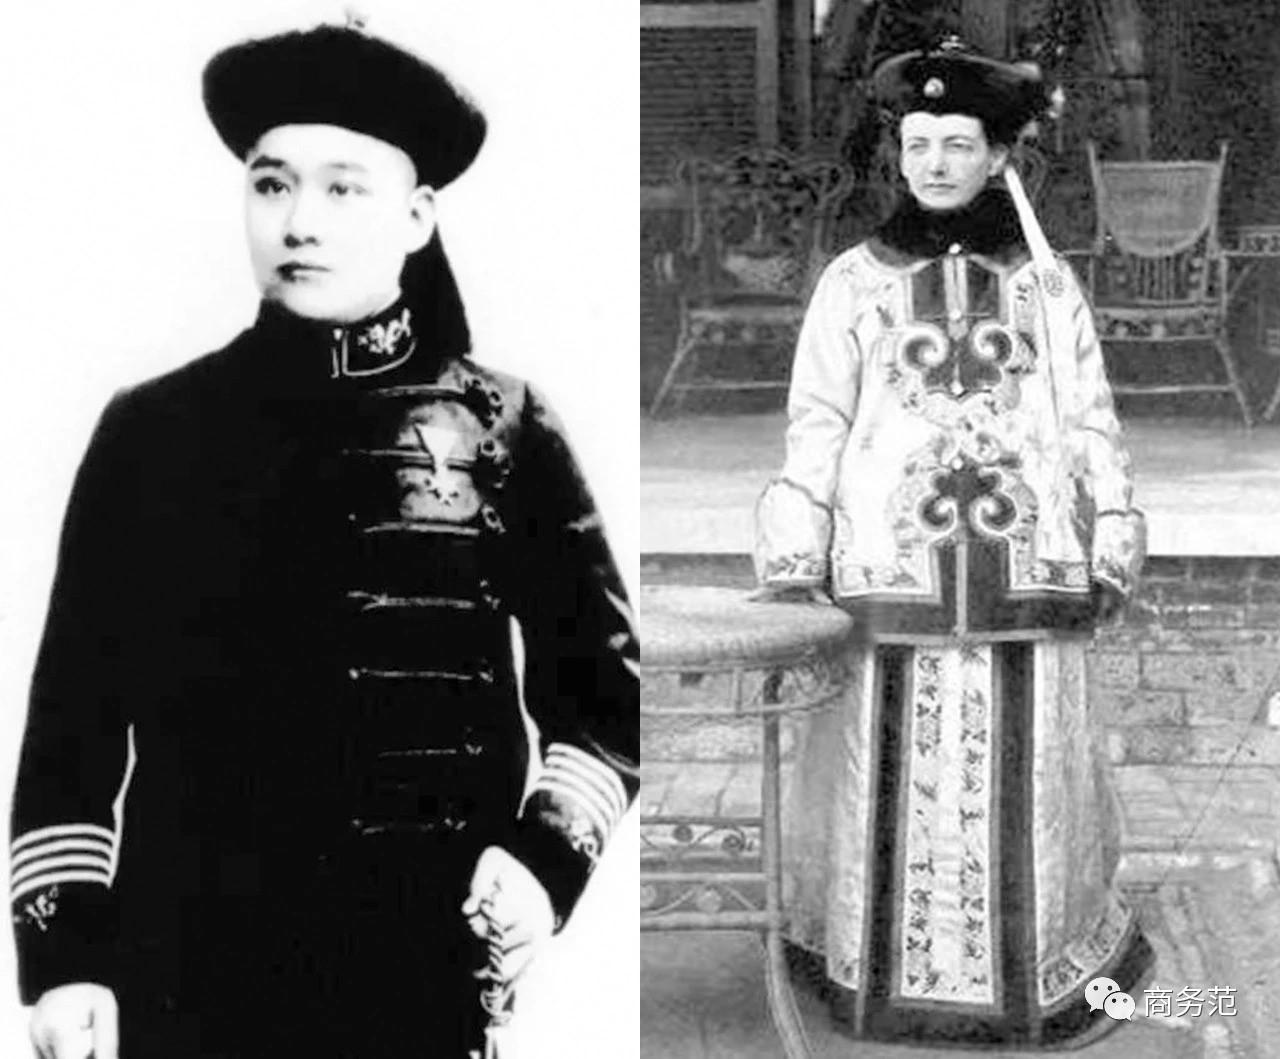 宫斗冠军慈禧,才是100年前中国最时尚的女人…